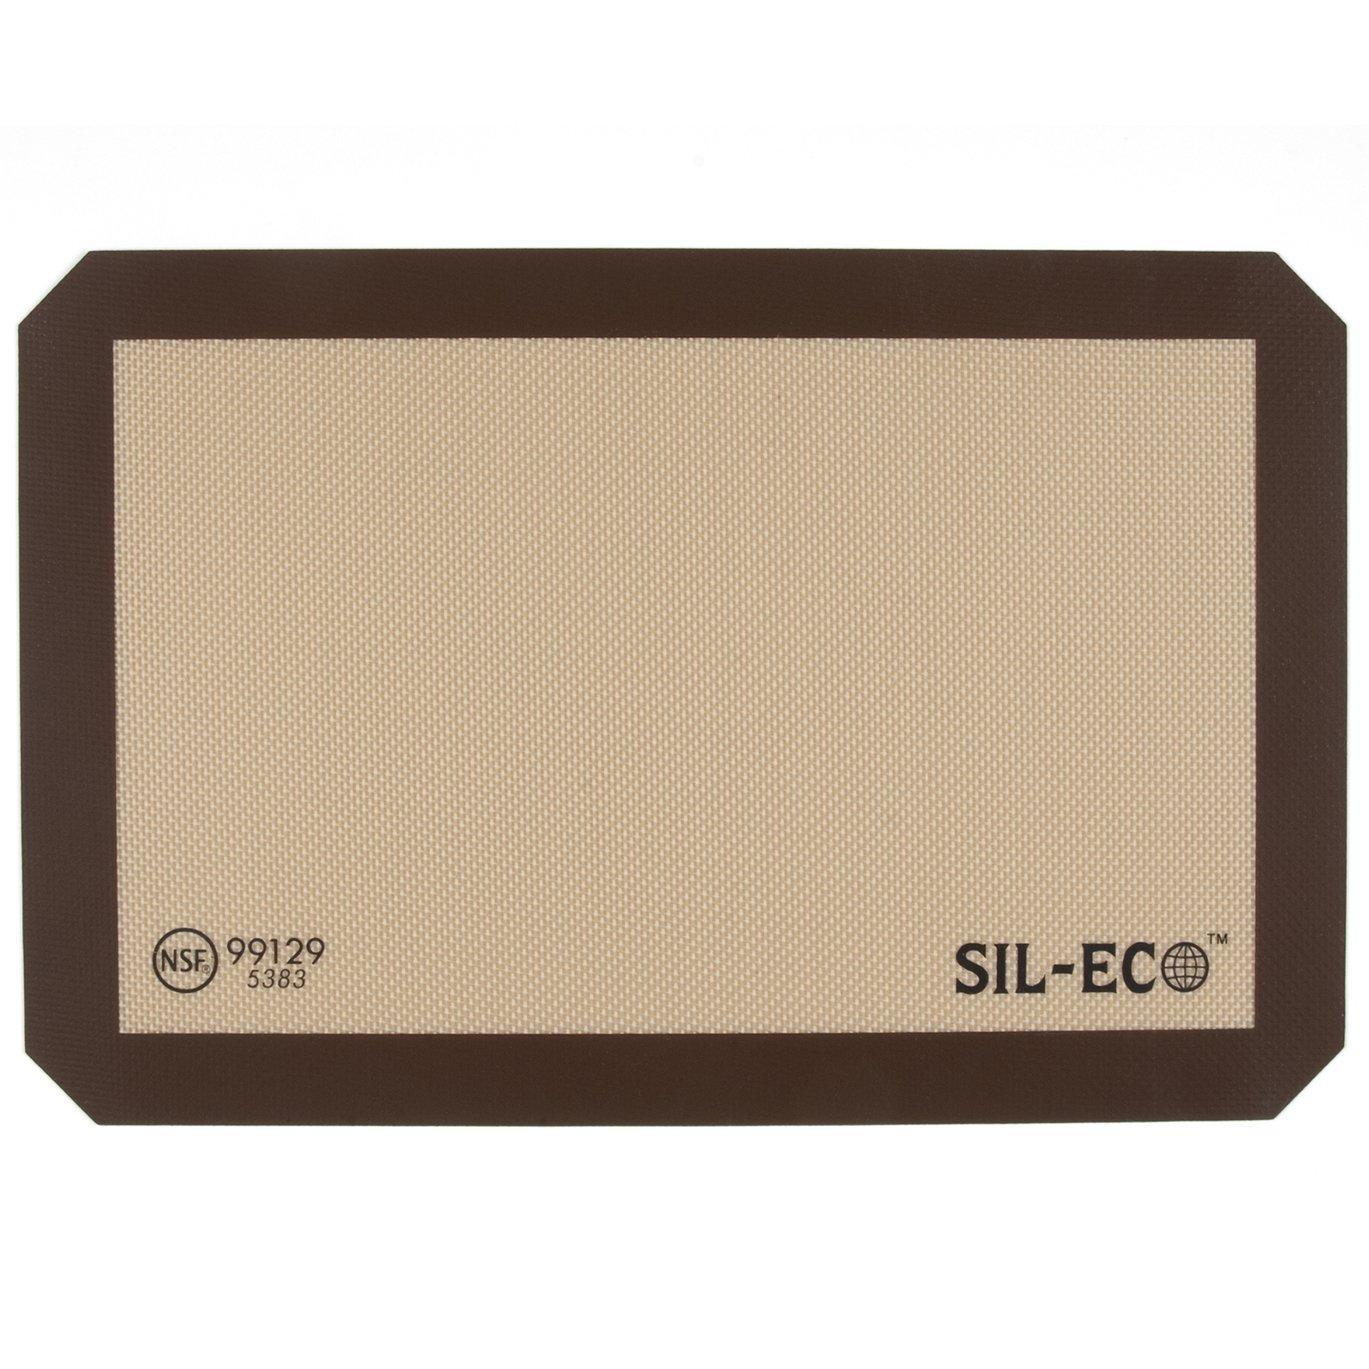 """Sil-Eco E-99129 Non-Stick Silicone Baking Liner, Medium Size, 9-1/2"""" x 14-3/8"""""""